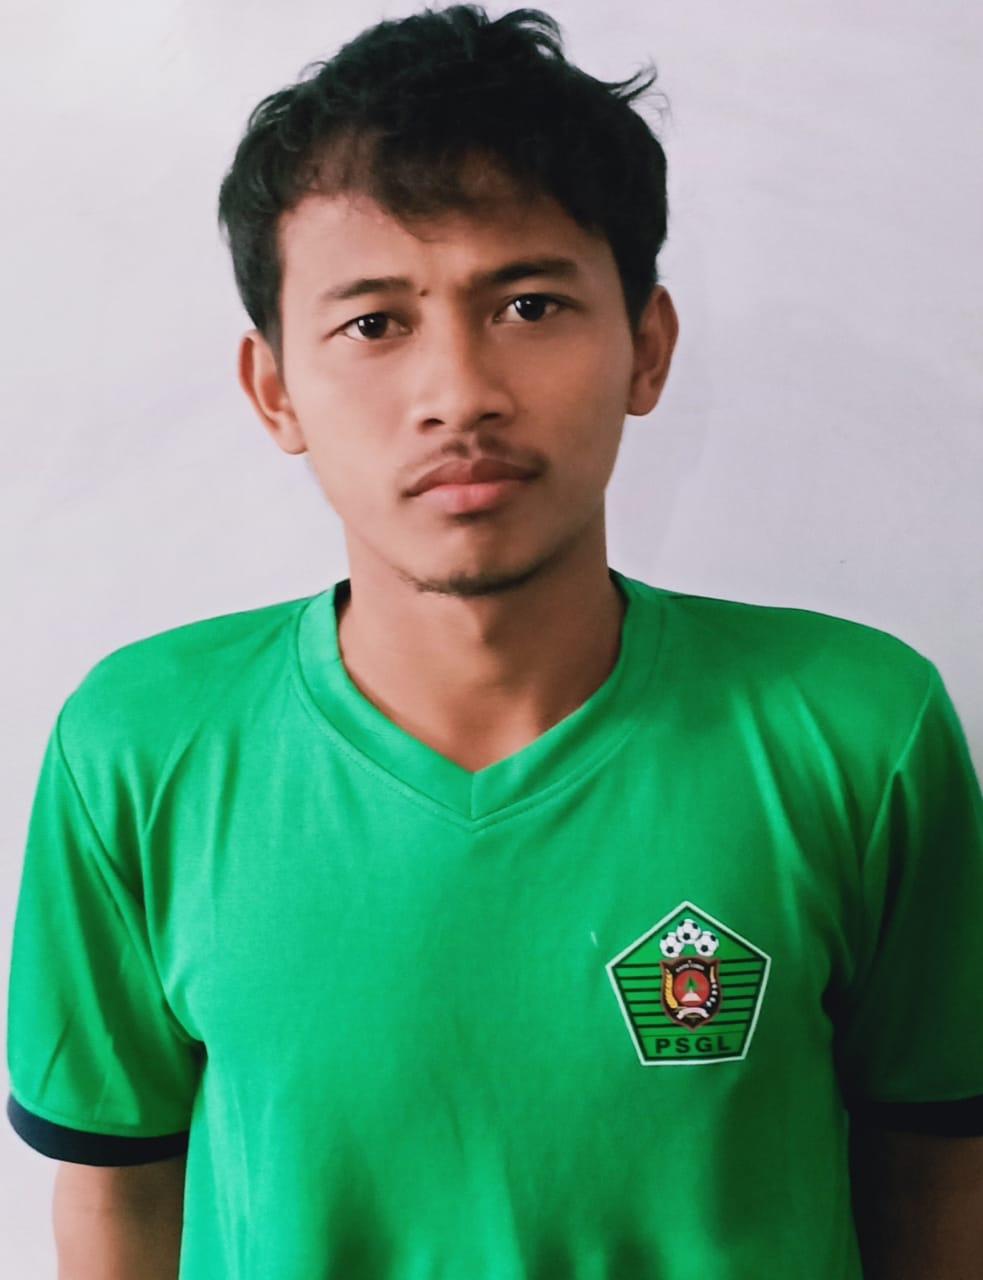 Eko Syahputra